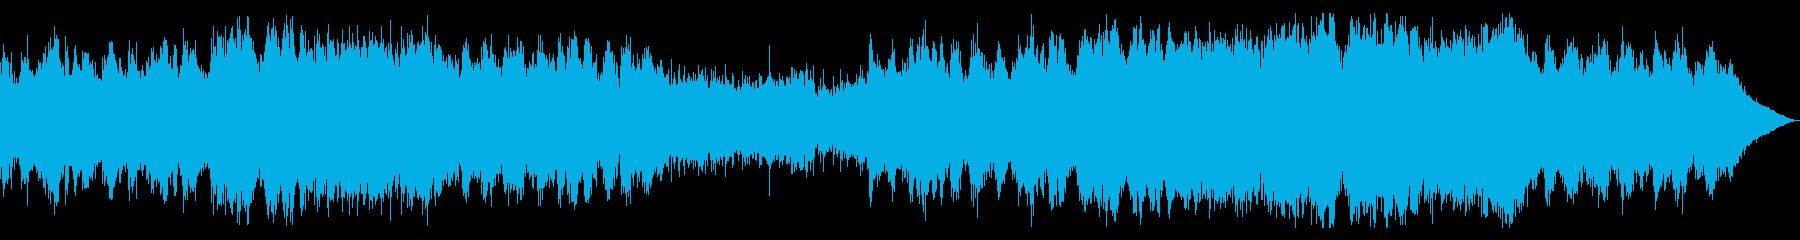 二胡とオーケストラの壮大な東洋系の曲の再生済みの波形